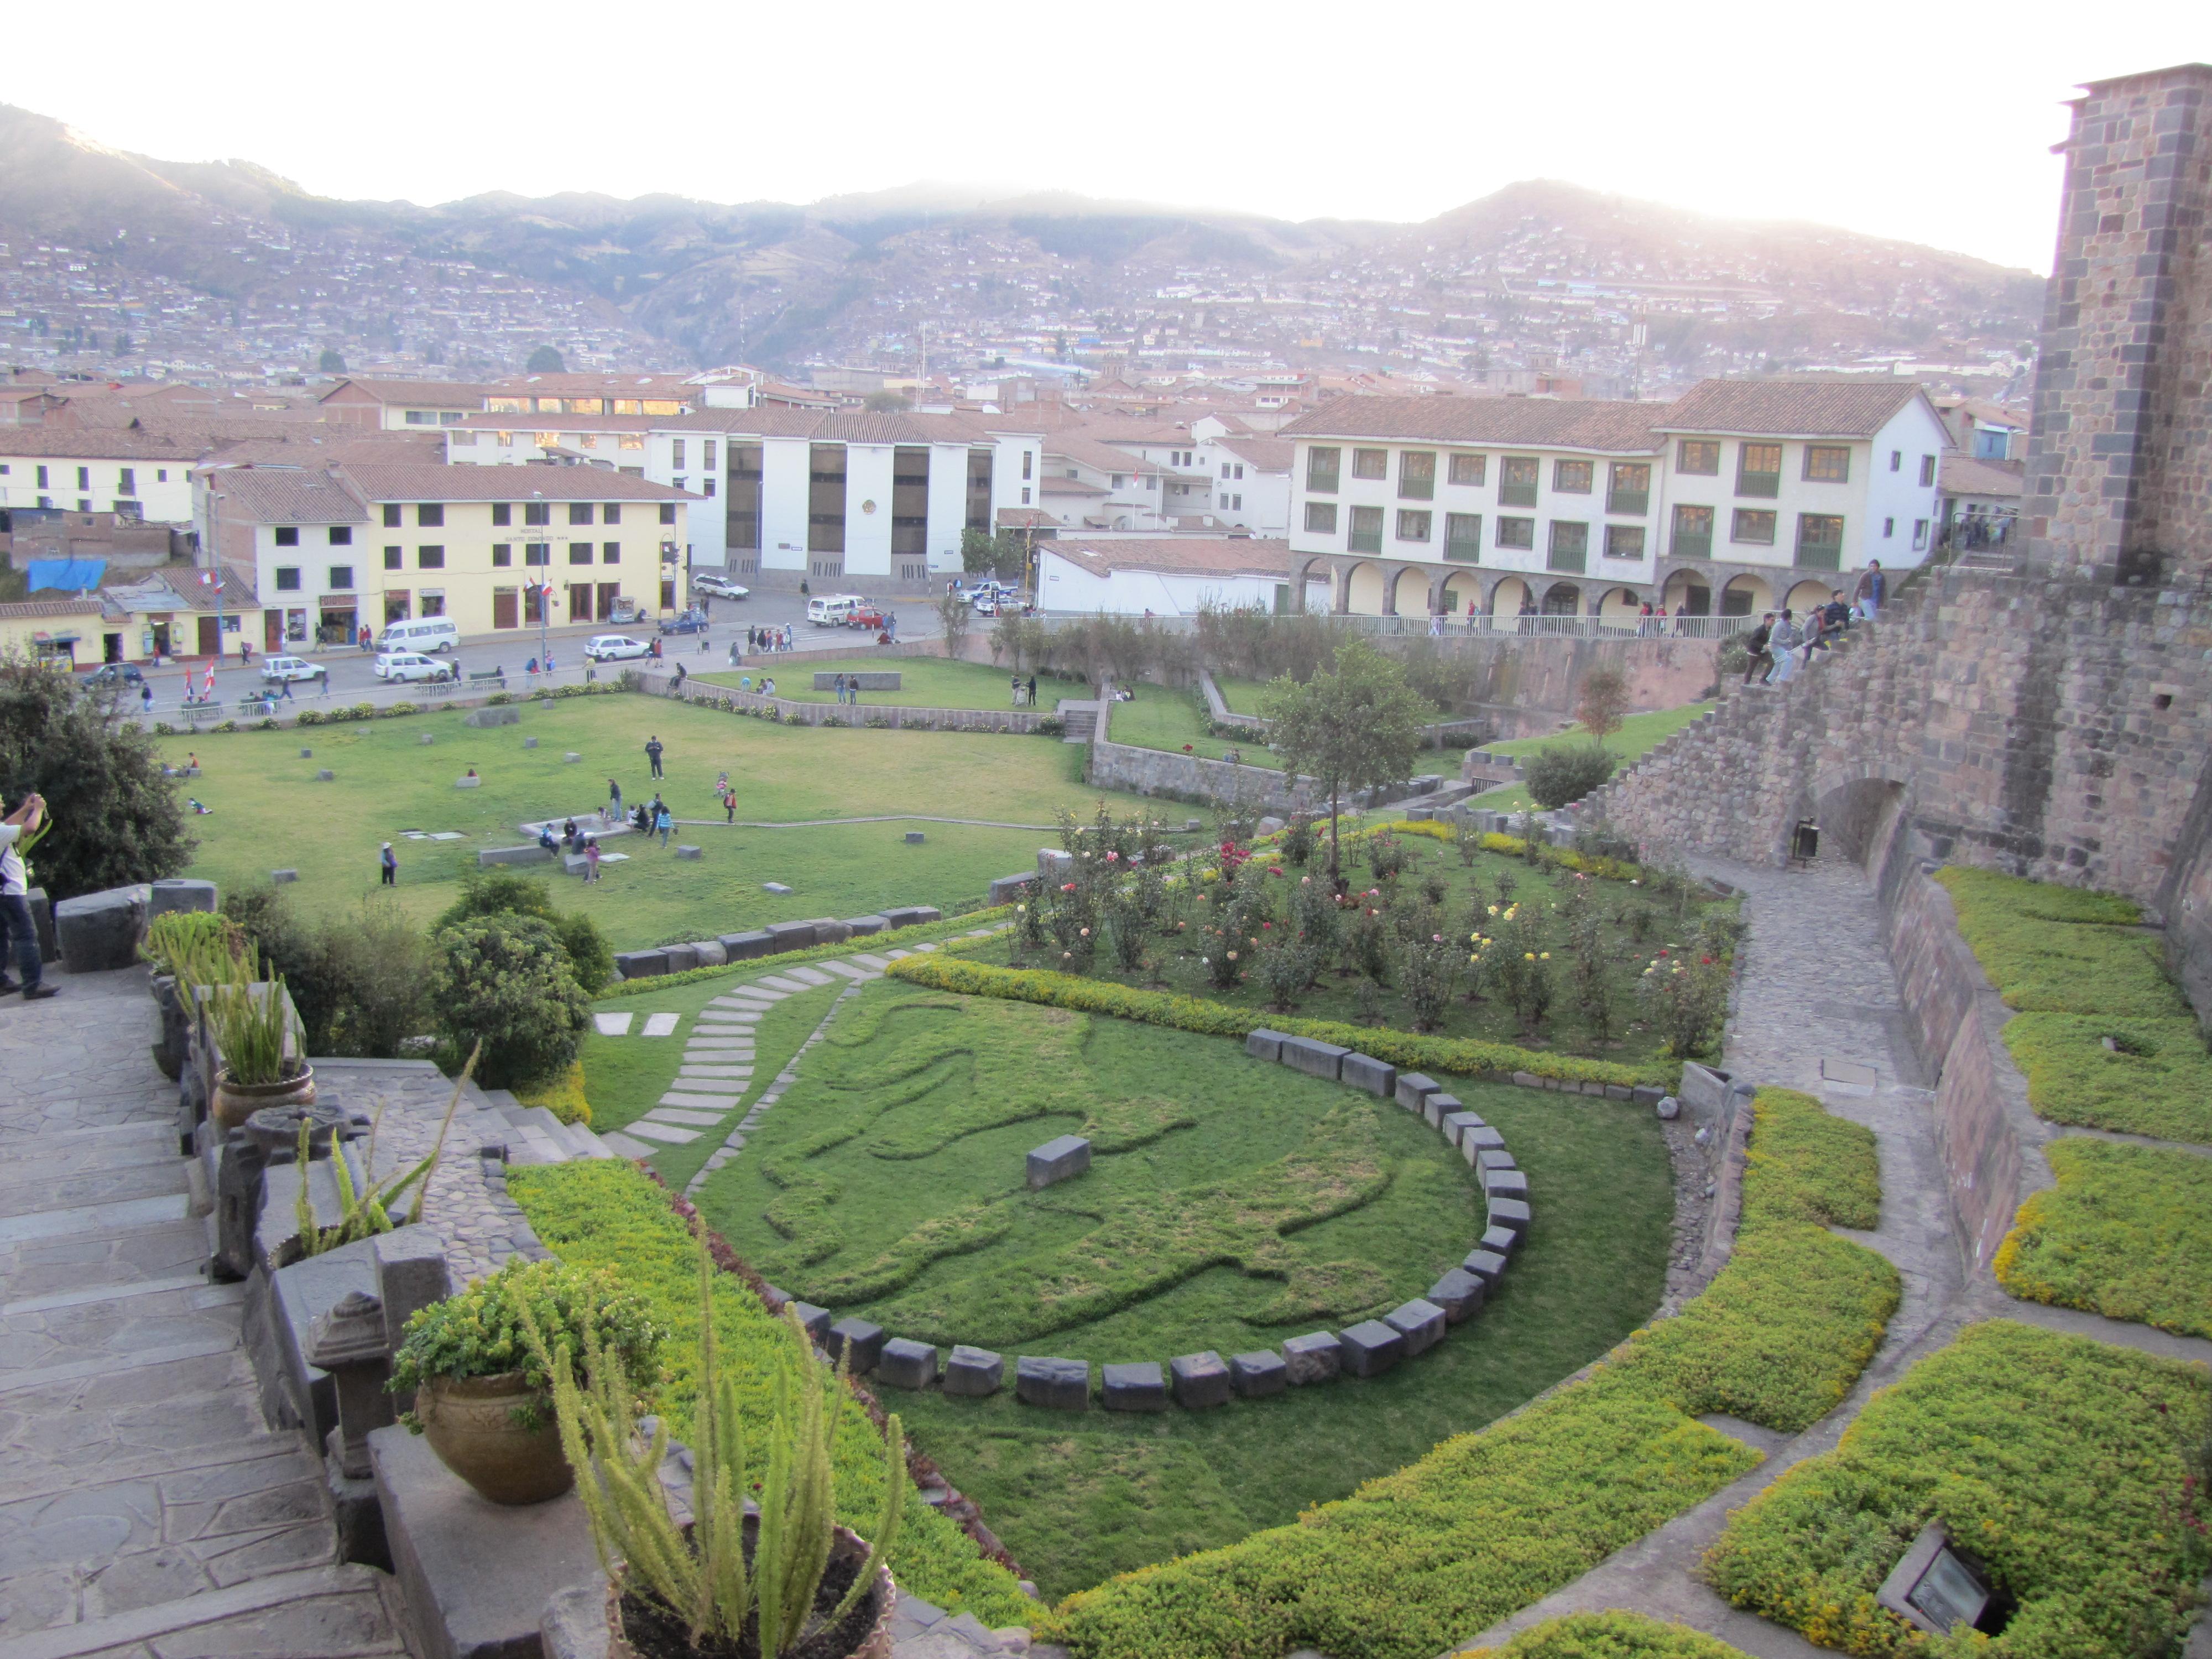 Http Www Peru Travel En Us About Peru Peruvian Identity Culture Aspx